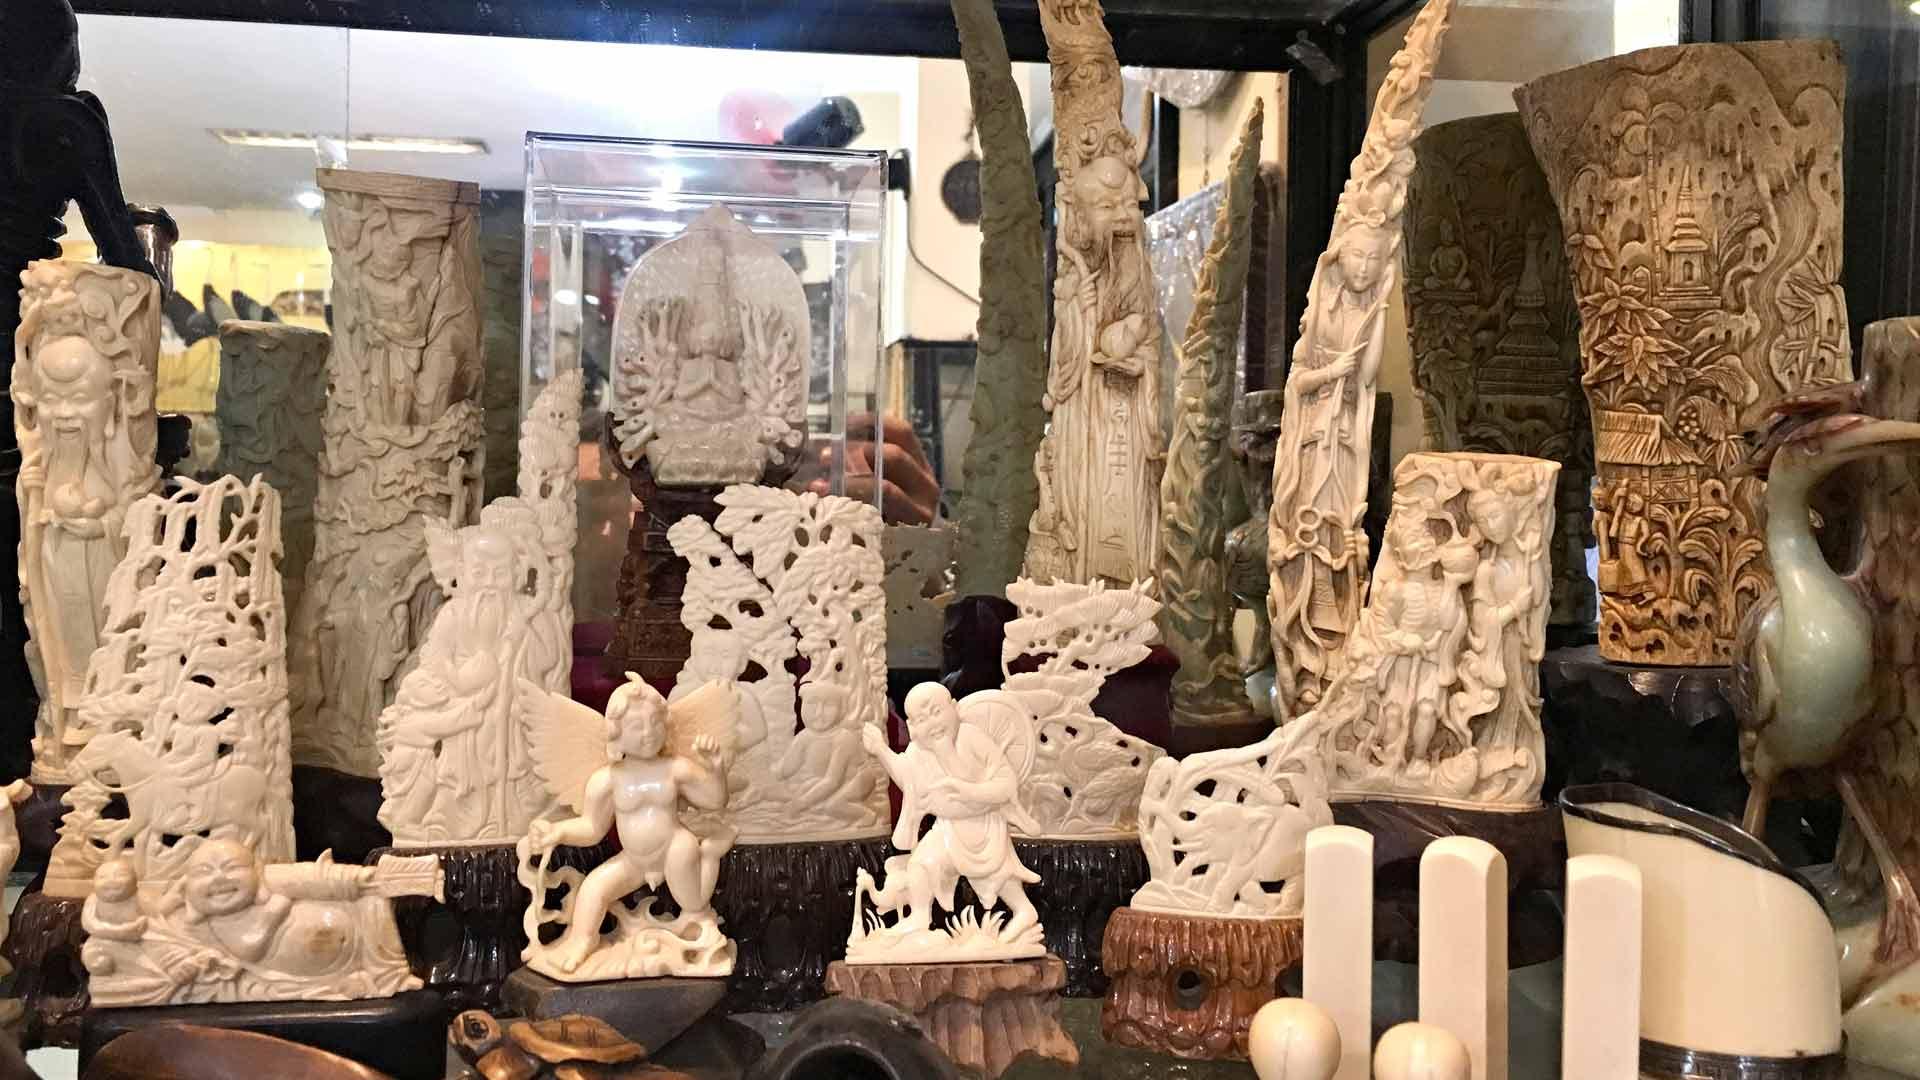 syöksyhampaista että luista valmistettuja koriste-esineitä